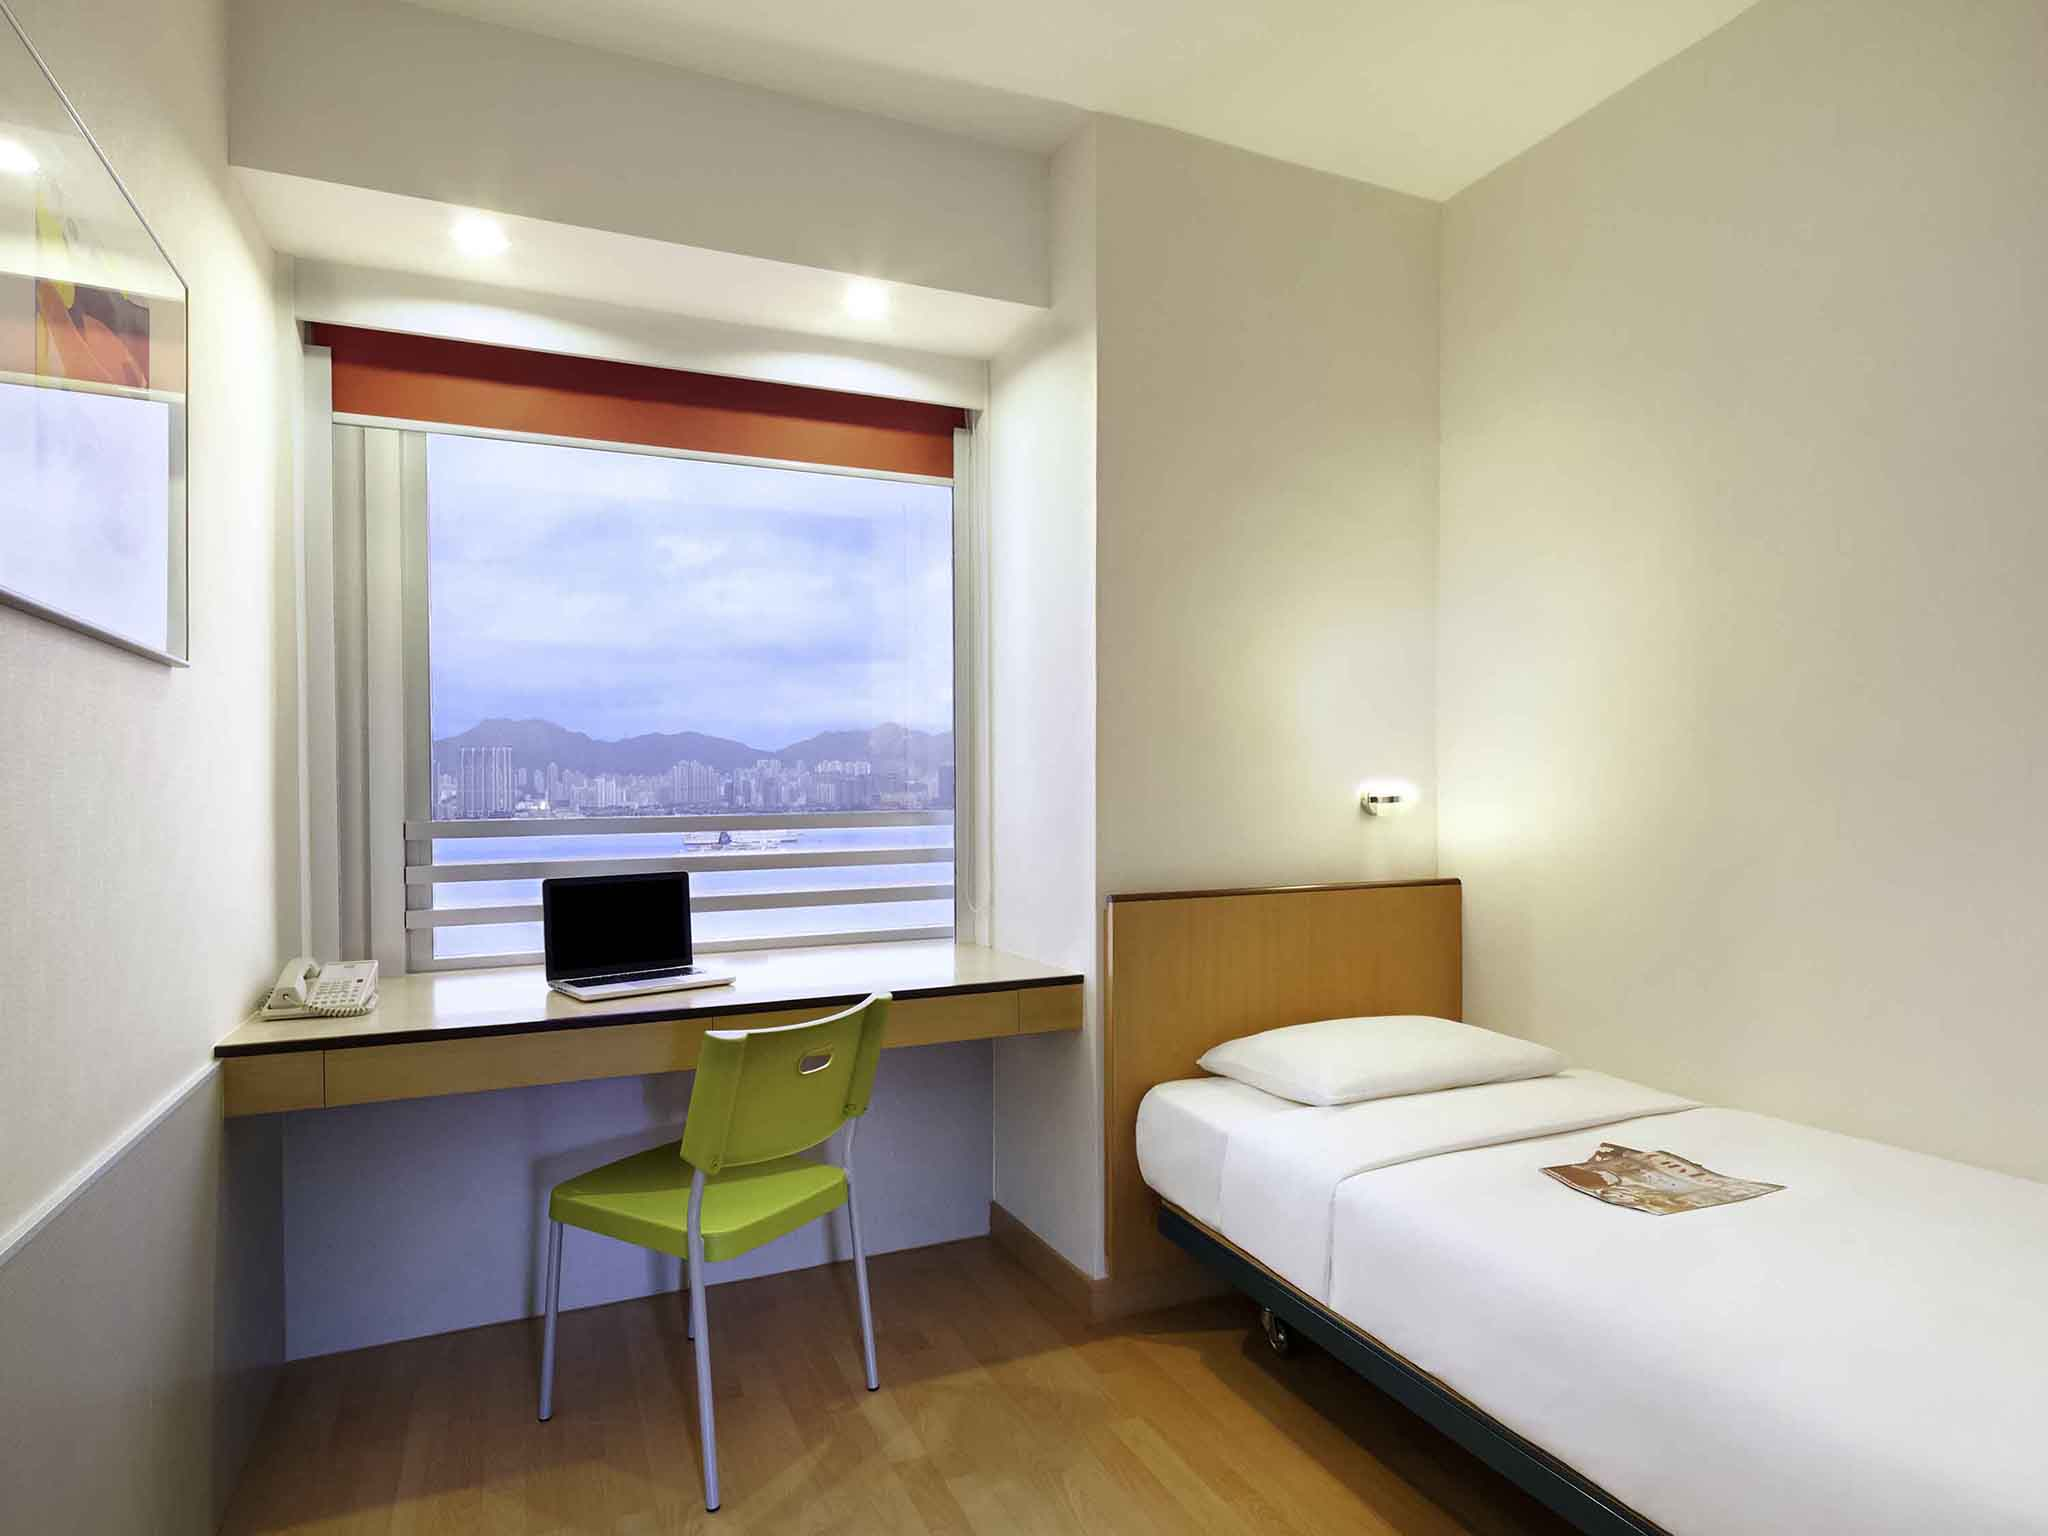 Hong Kong Hotel Room Tax